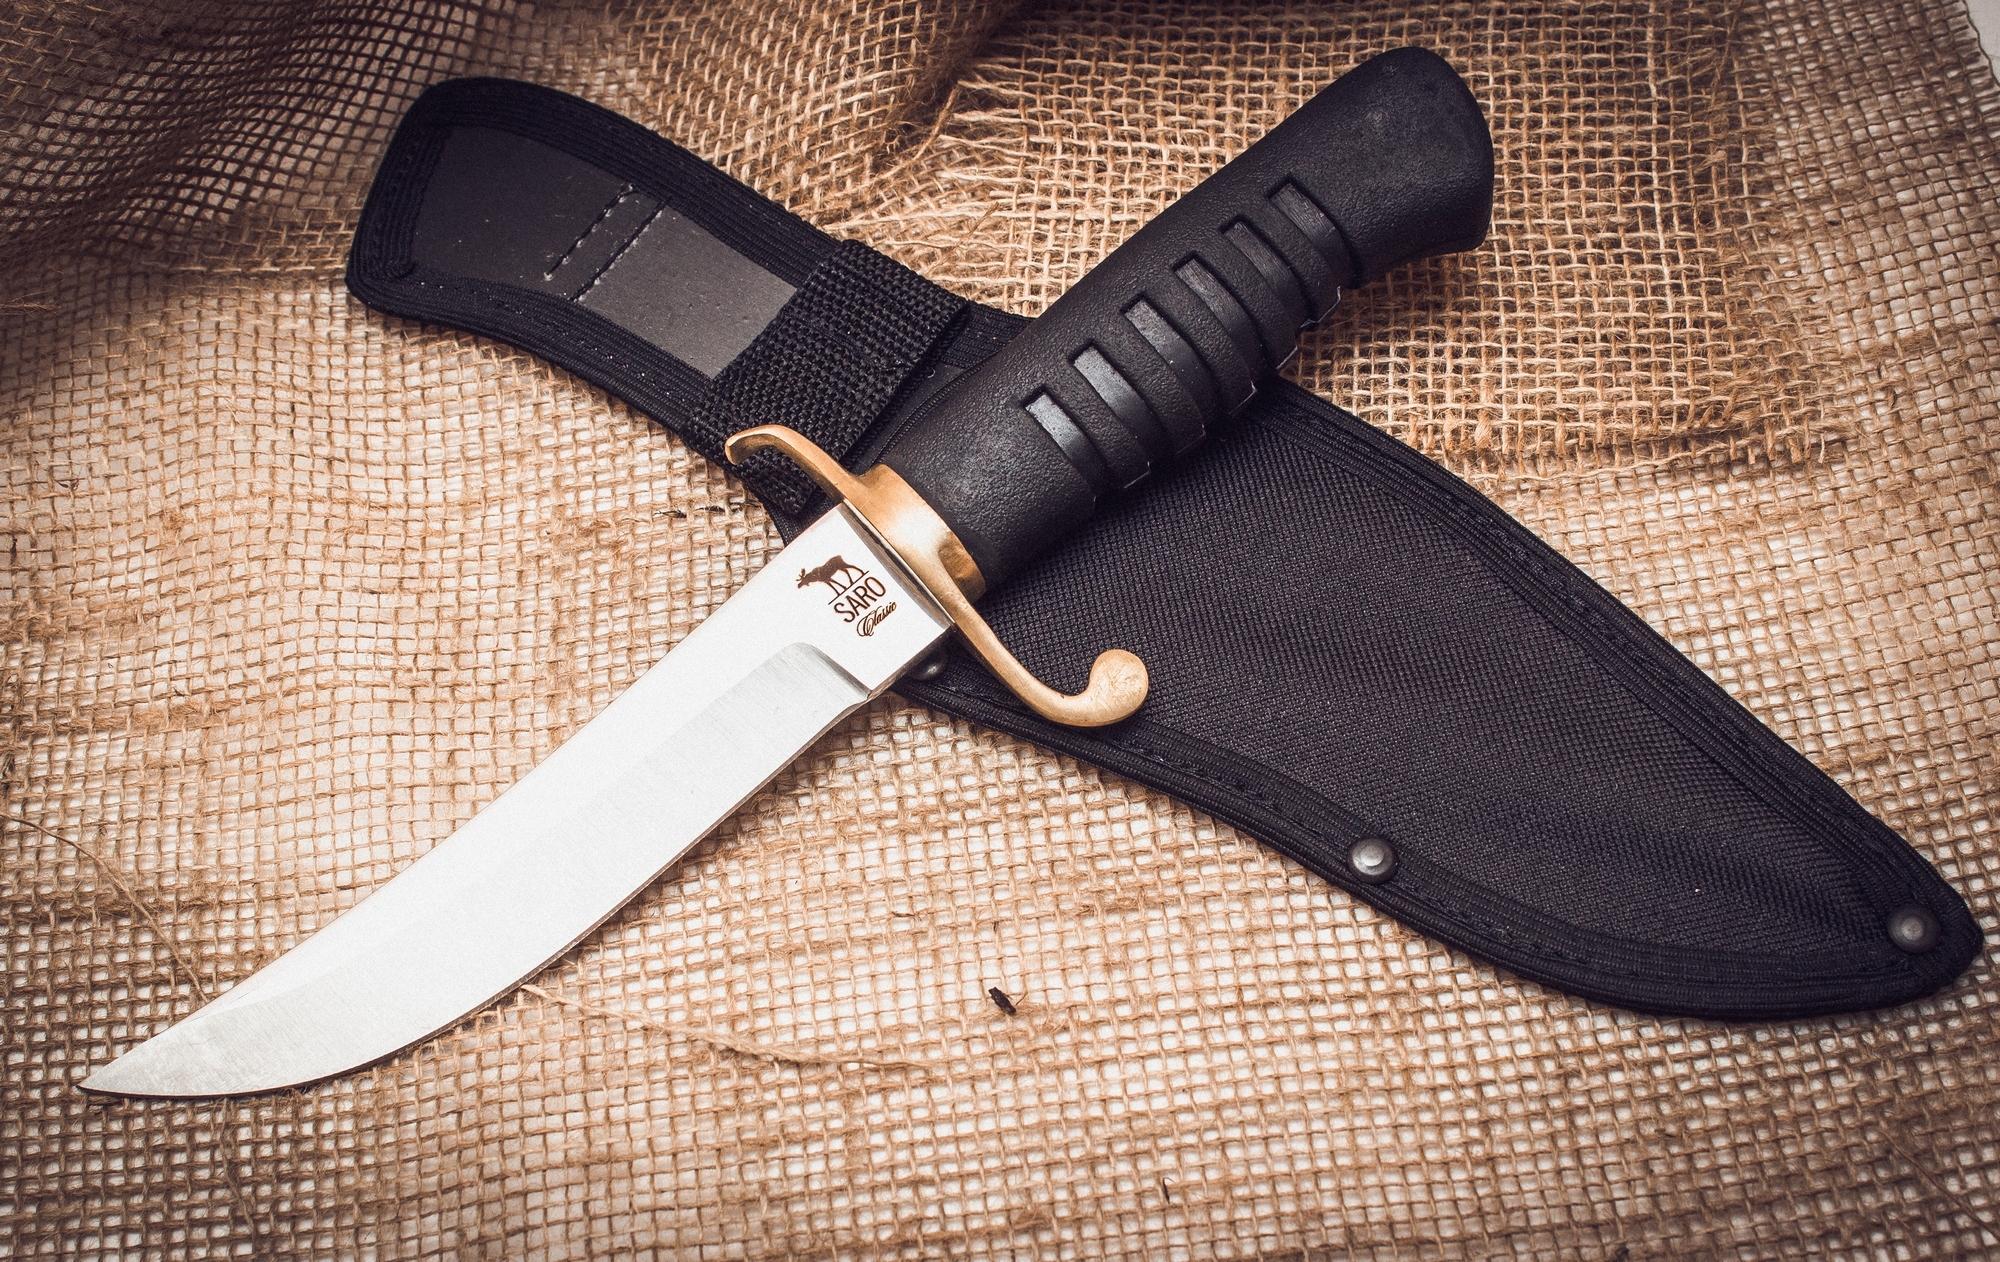 Нож КорсарНожи Ворсма<br>Стилизованный под кортик дизайн туристического ножа от «Саро» придется по душе ценителям гармоничных сочетаний функциональности и внешней эстетики. Ножи «Корсар» прекрасно подходят для туристических вылазок – надежное лезвие, выполненное из высоколегированной голубой стали отлично переносит самые значительные механические нагрузки, а твердость металла исключает появление вмятин и сколов на лезвии, кроме того, дополнительная заточка изделию требуется не так часто. Рукоять ножа выполнена из резины, благодаря чему использовать клинок исключительно удобно и необременительно.<br>